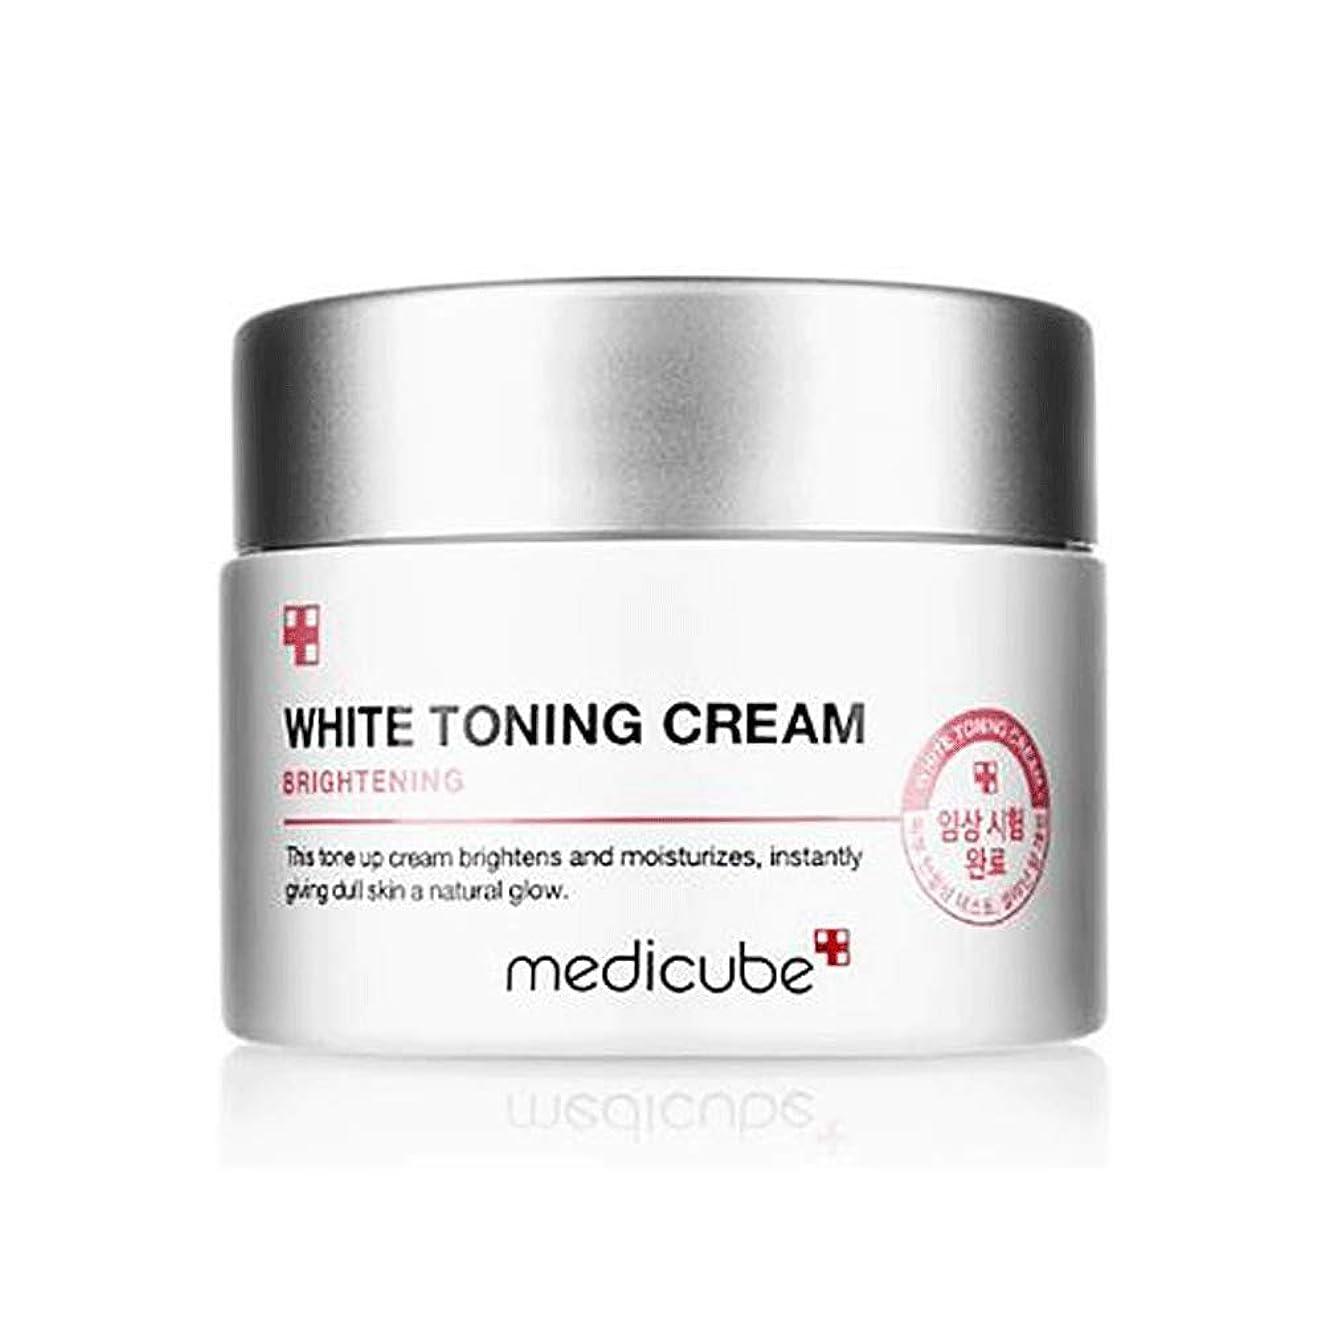 避けるレーダー生産性Medicube WHITE TONING CREAM メディキューブ ホワイトトーニングクリーム 55ml [並行輸入品]